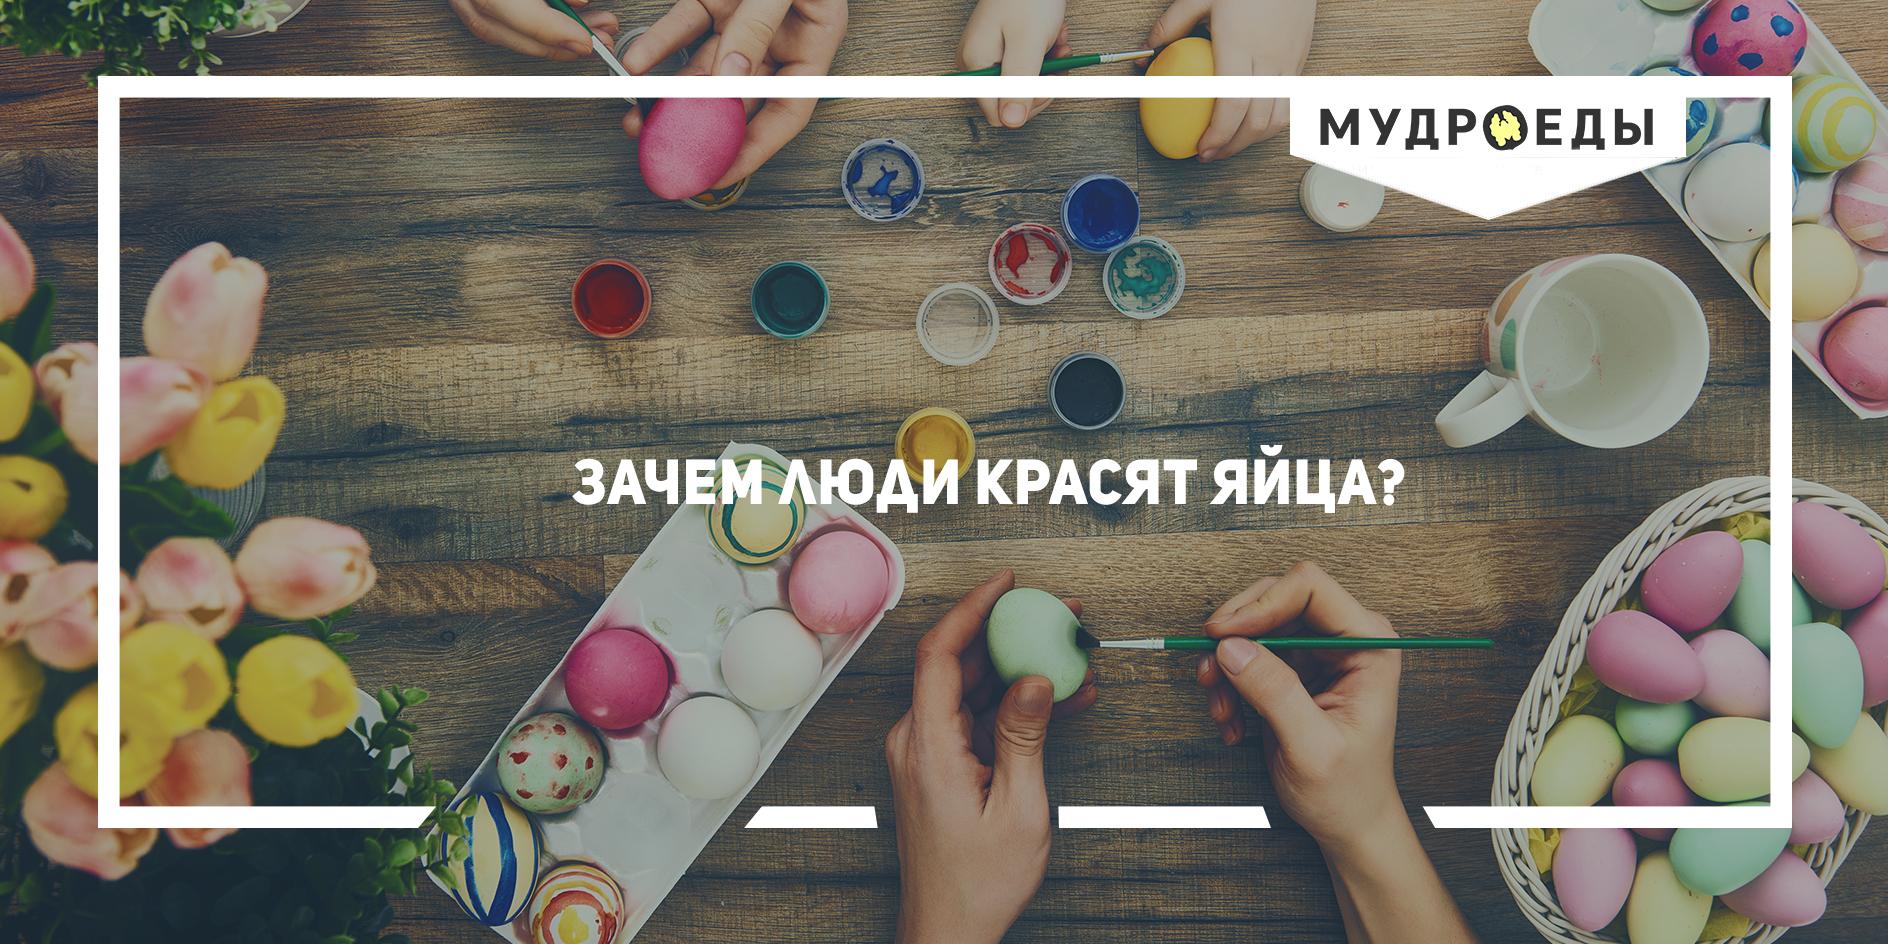 зачем люди красят яйца